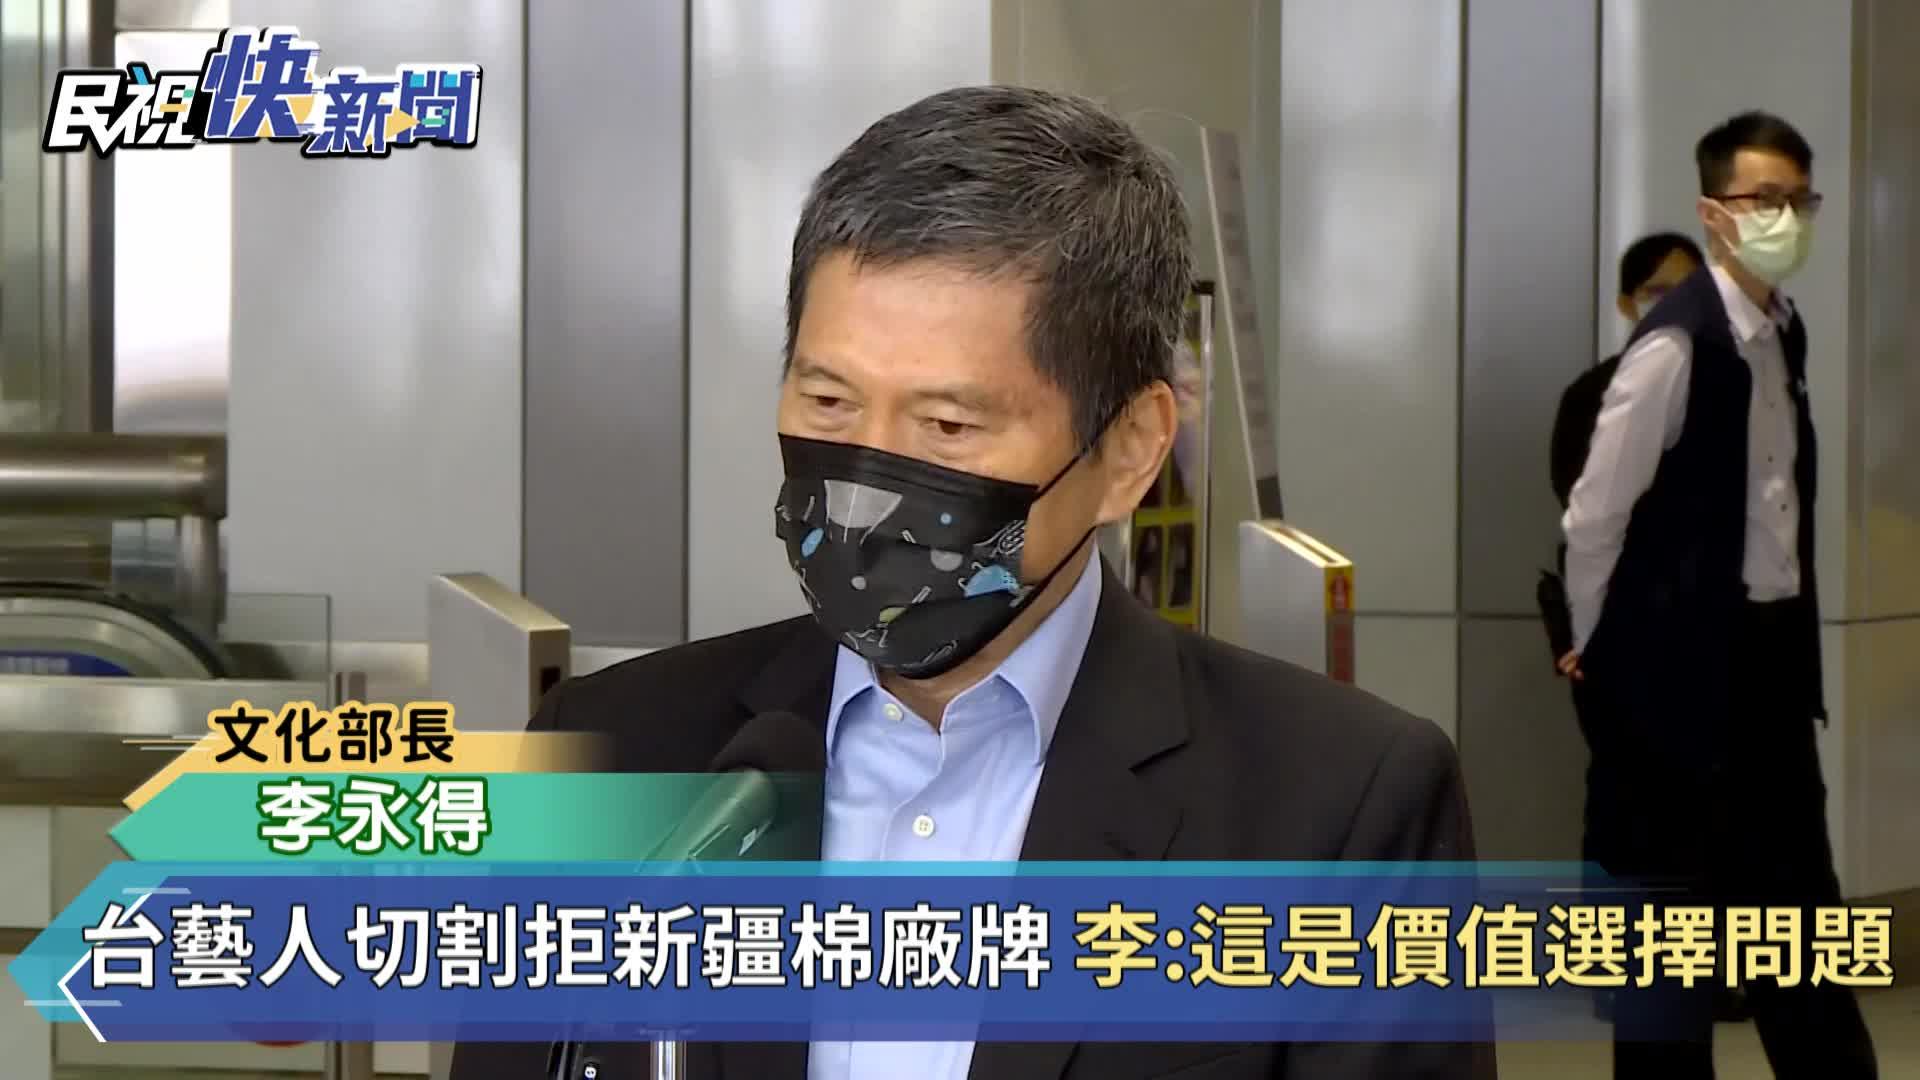 快新聞/台灣藝人急切割拒新疆棉廠牌 李永得:這是價值選擇問題